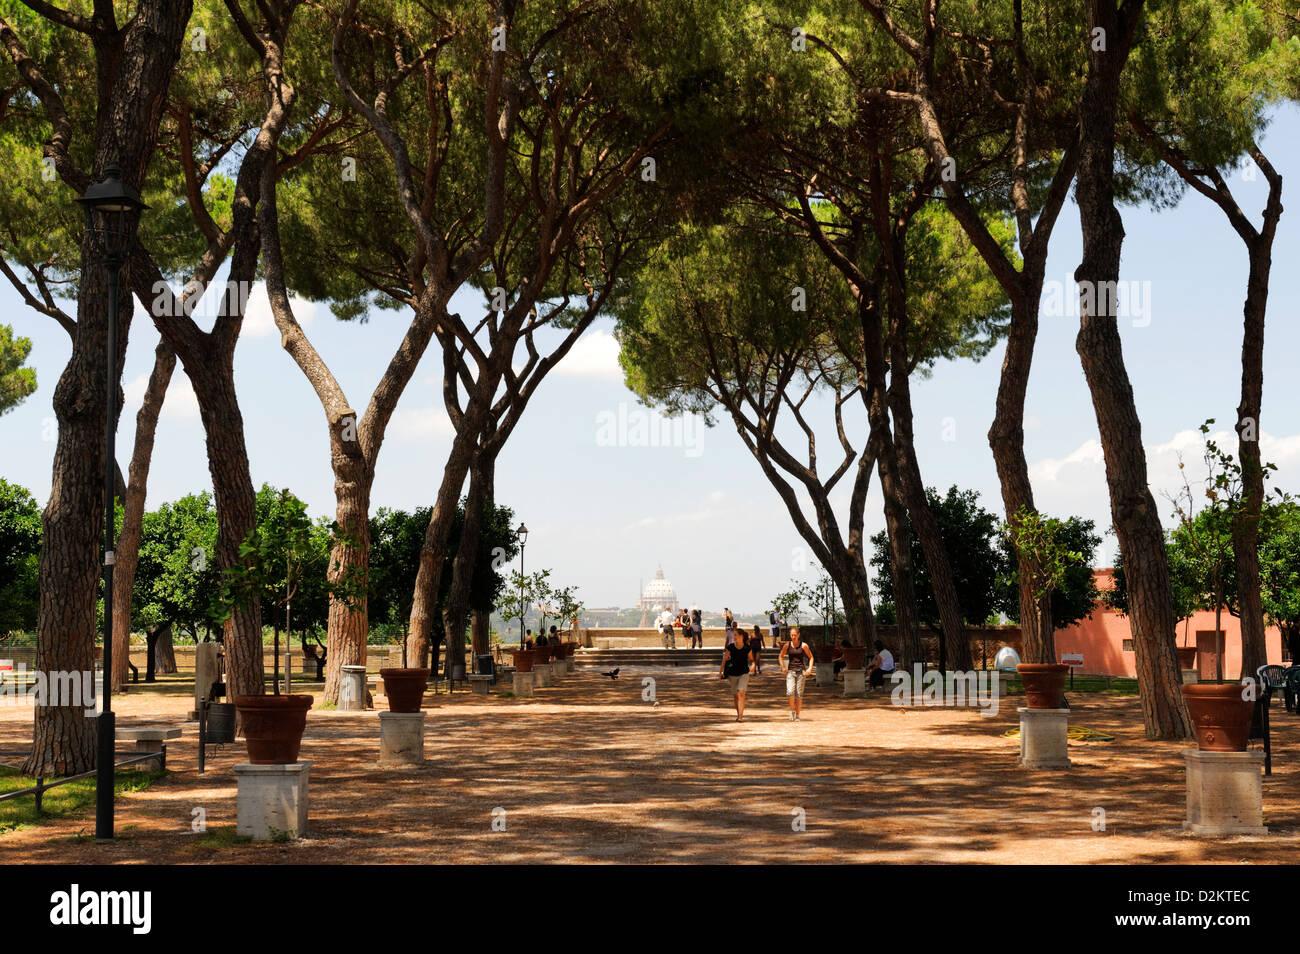 Aventino rome tourists walking through the shady oasis giardino stock photo 53296724 alamy - Giardino degli aranci frattamaggiore ...